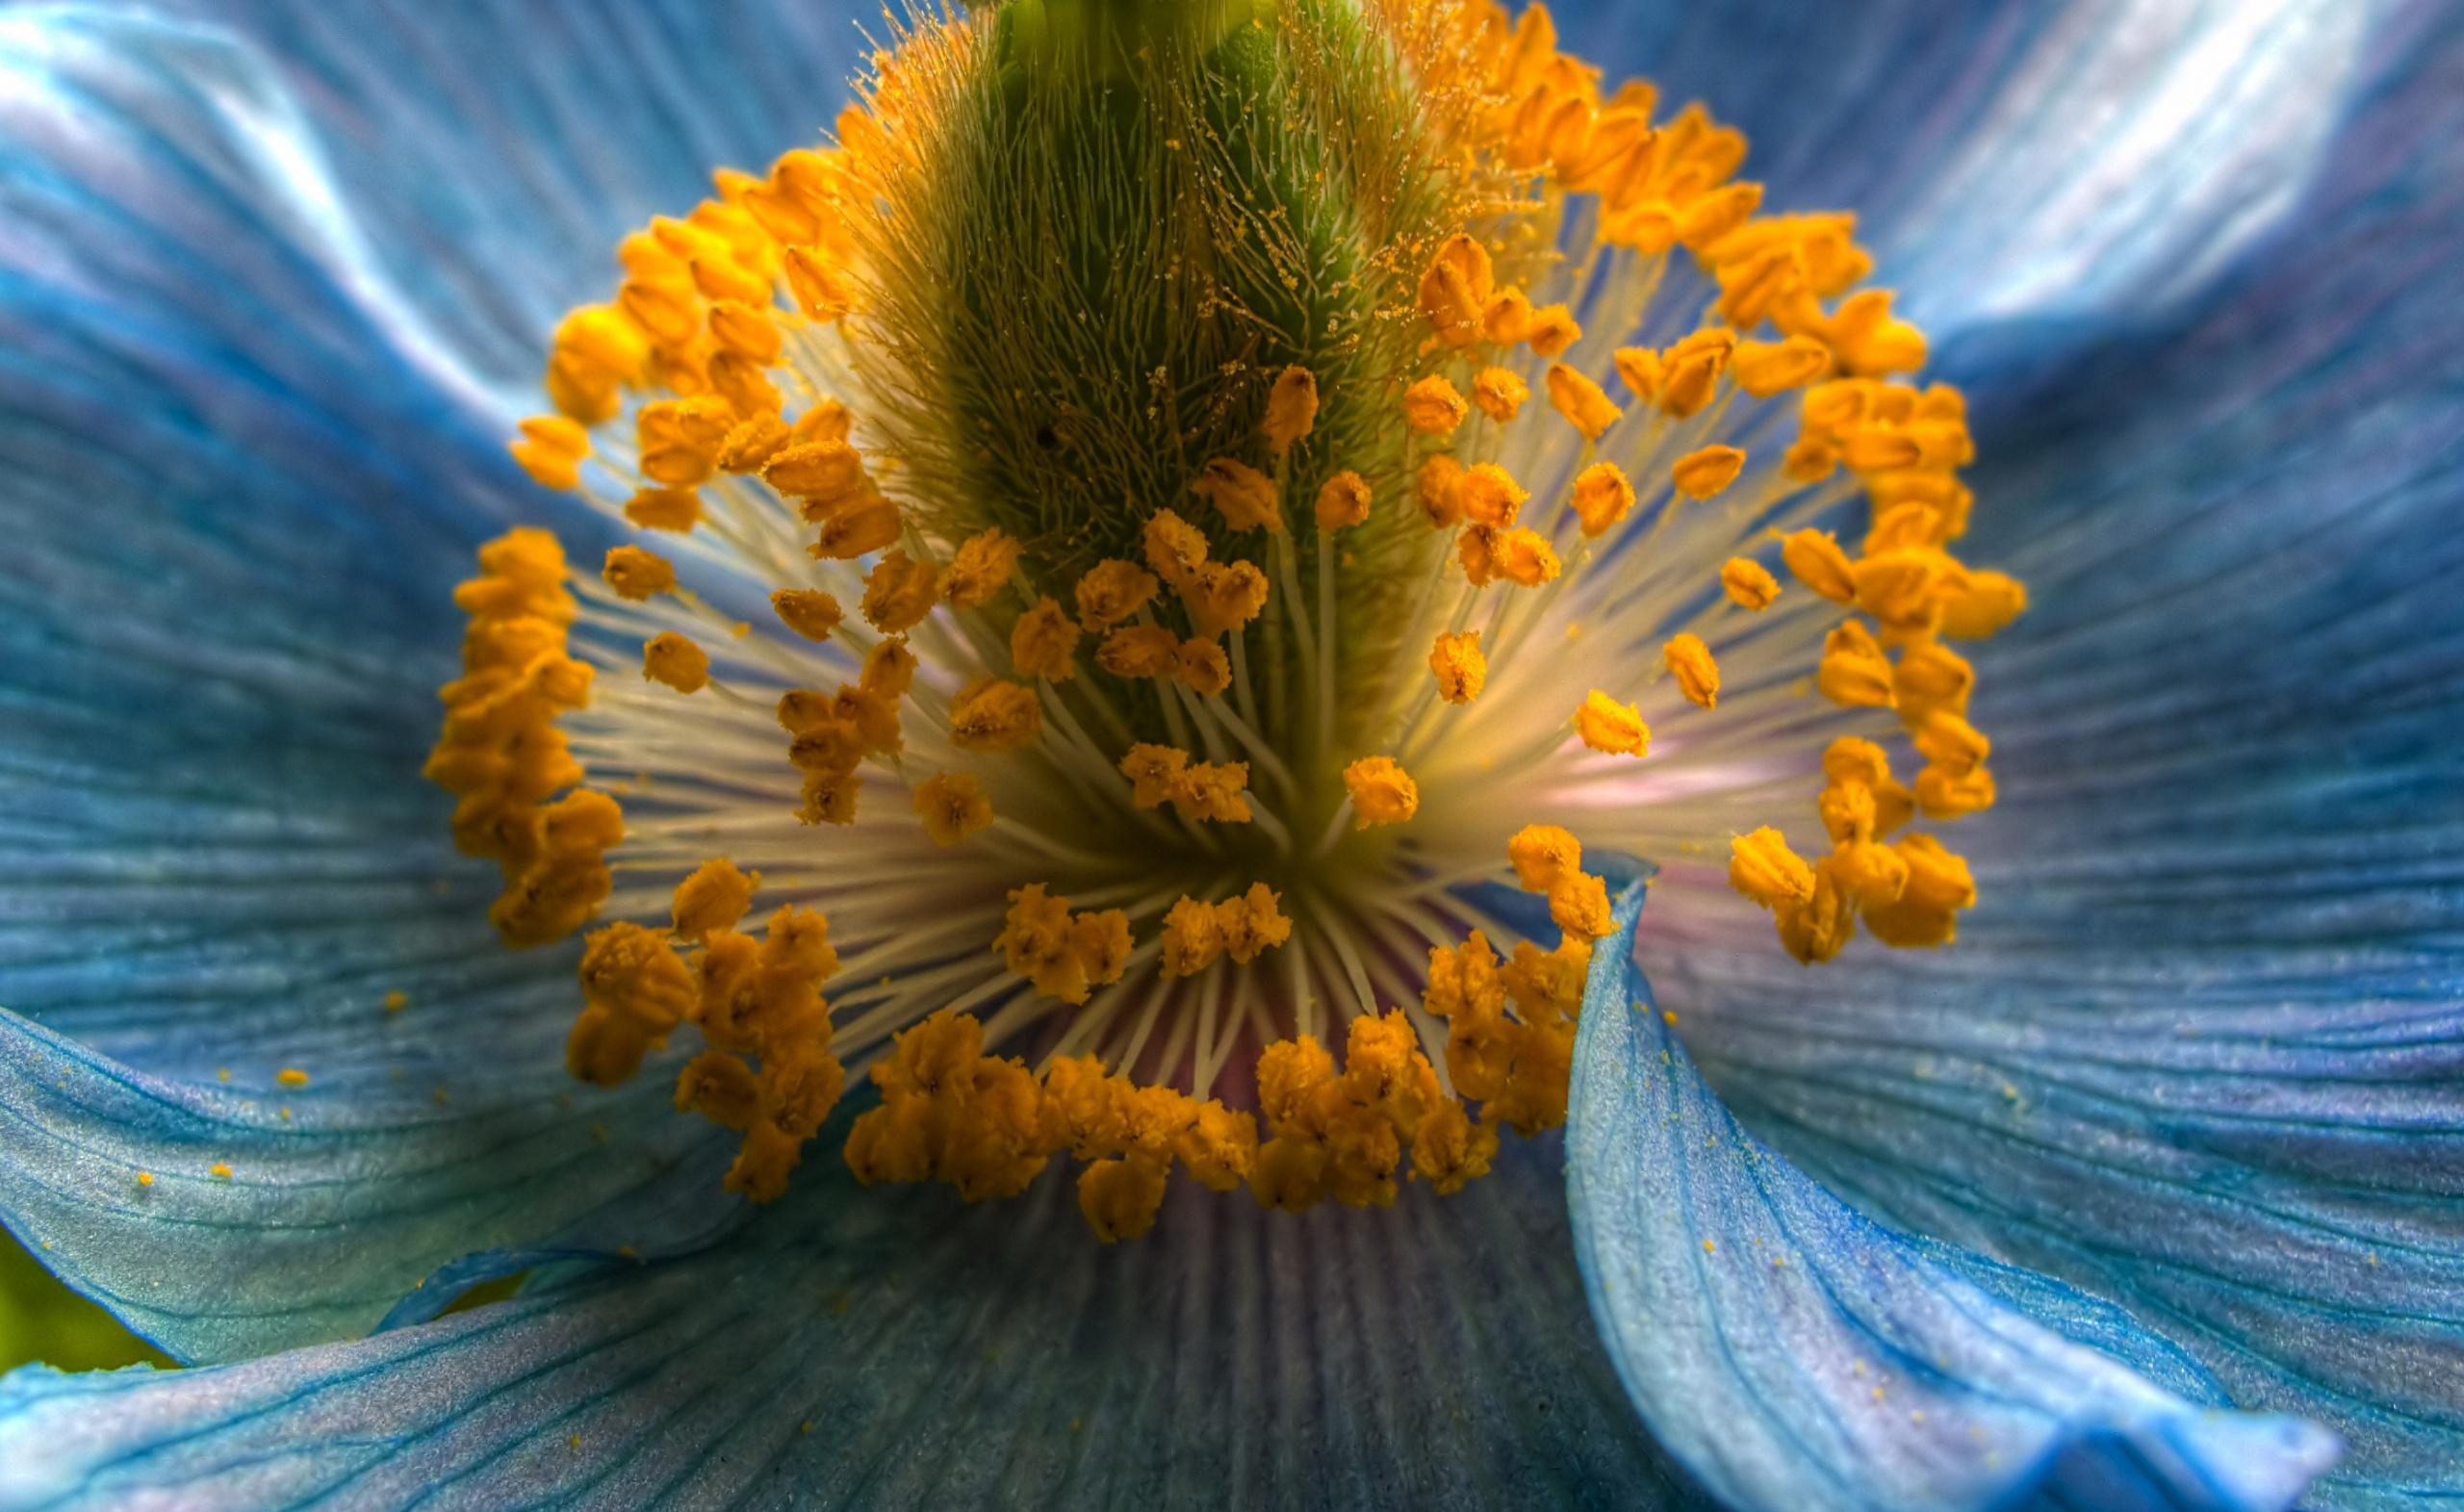 фото картины цветы макросъемка это